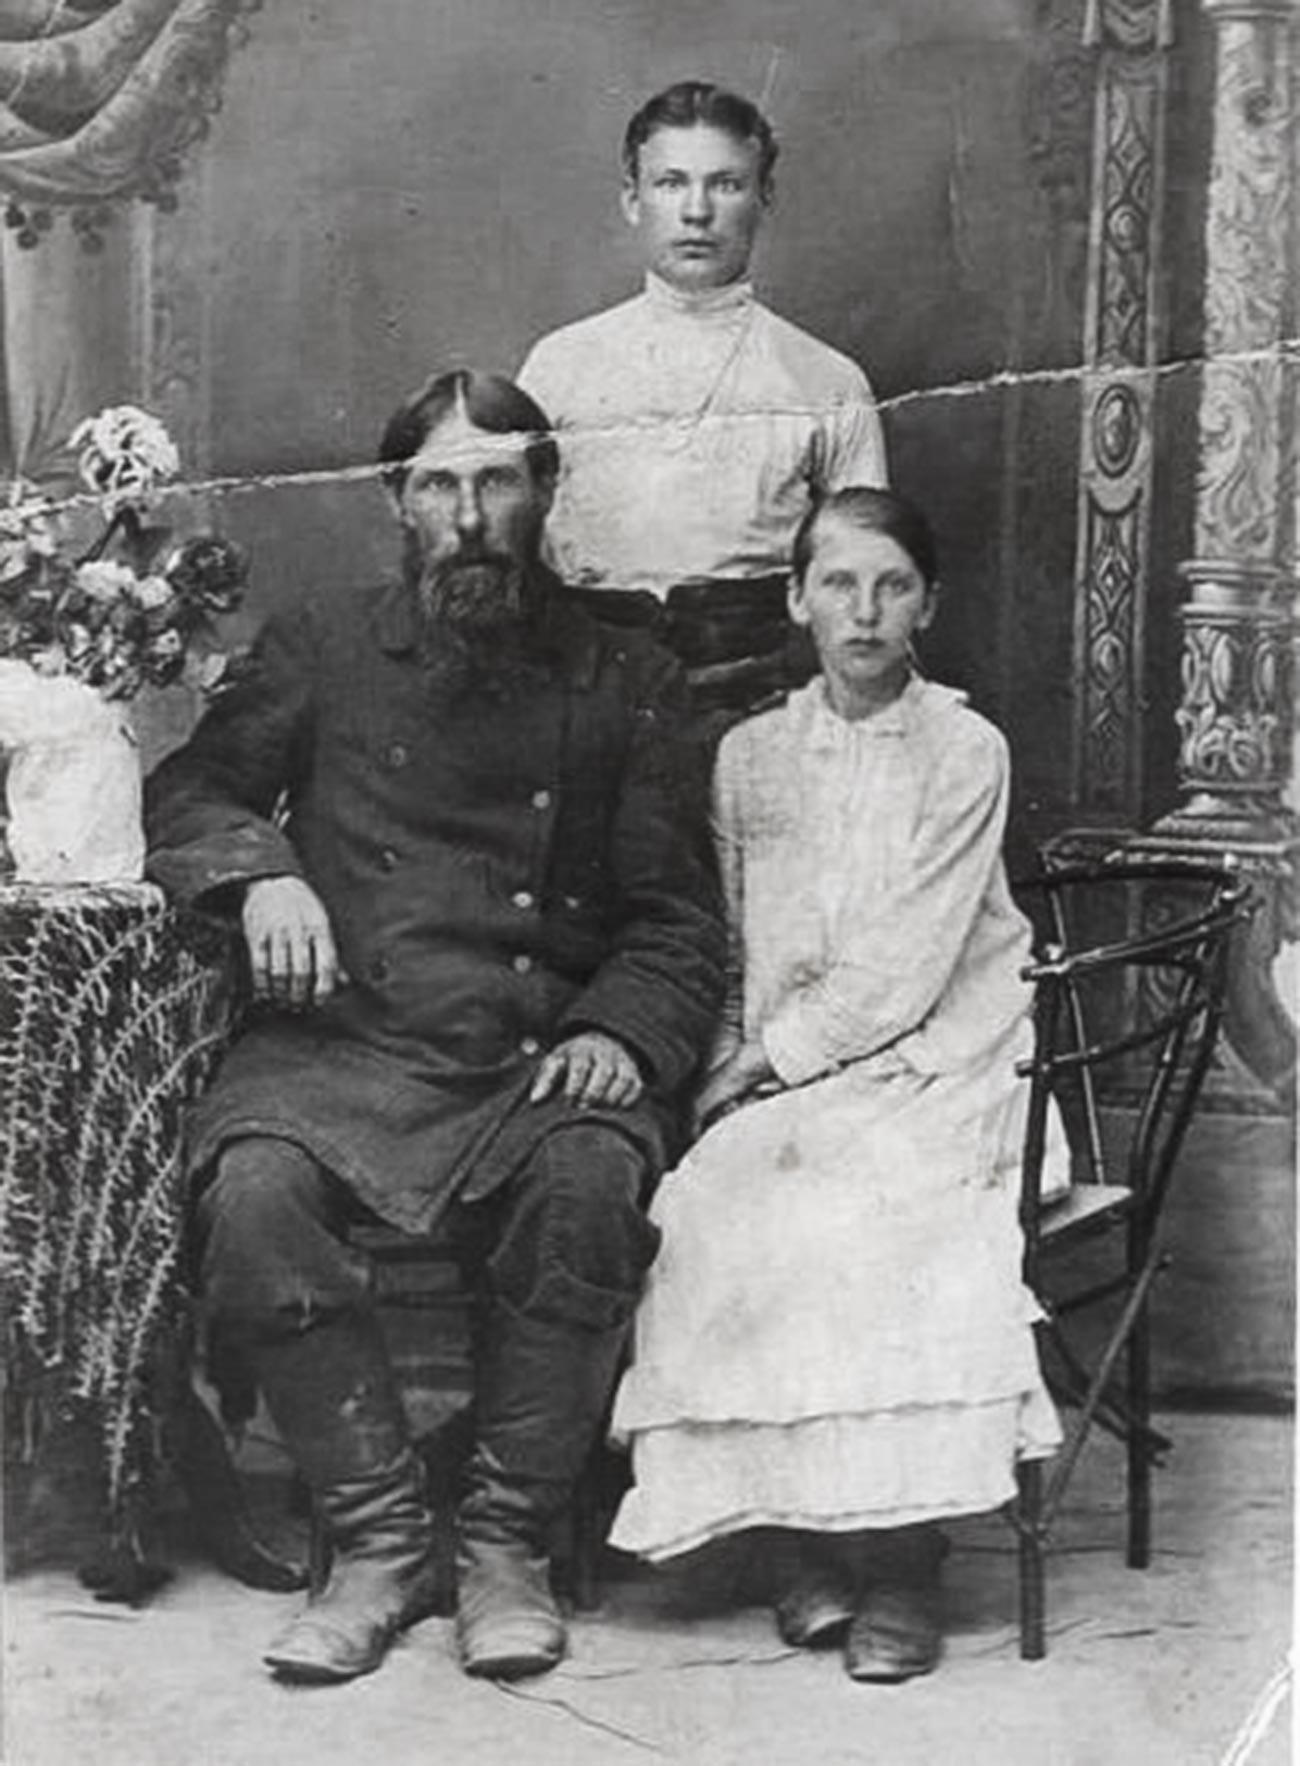 Fotografija neznanih ljudi z naslovom Rasputin z otroki